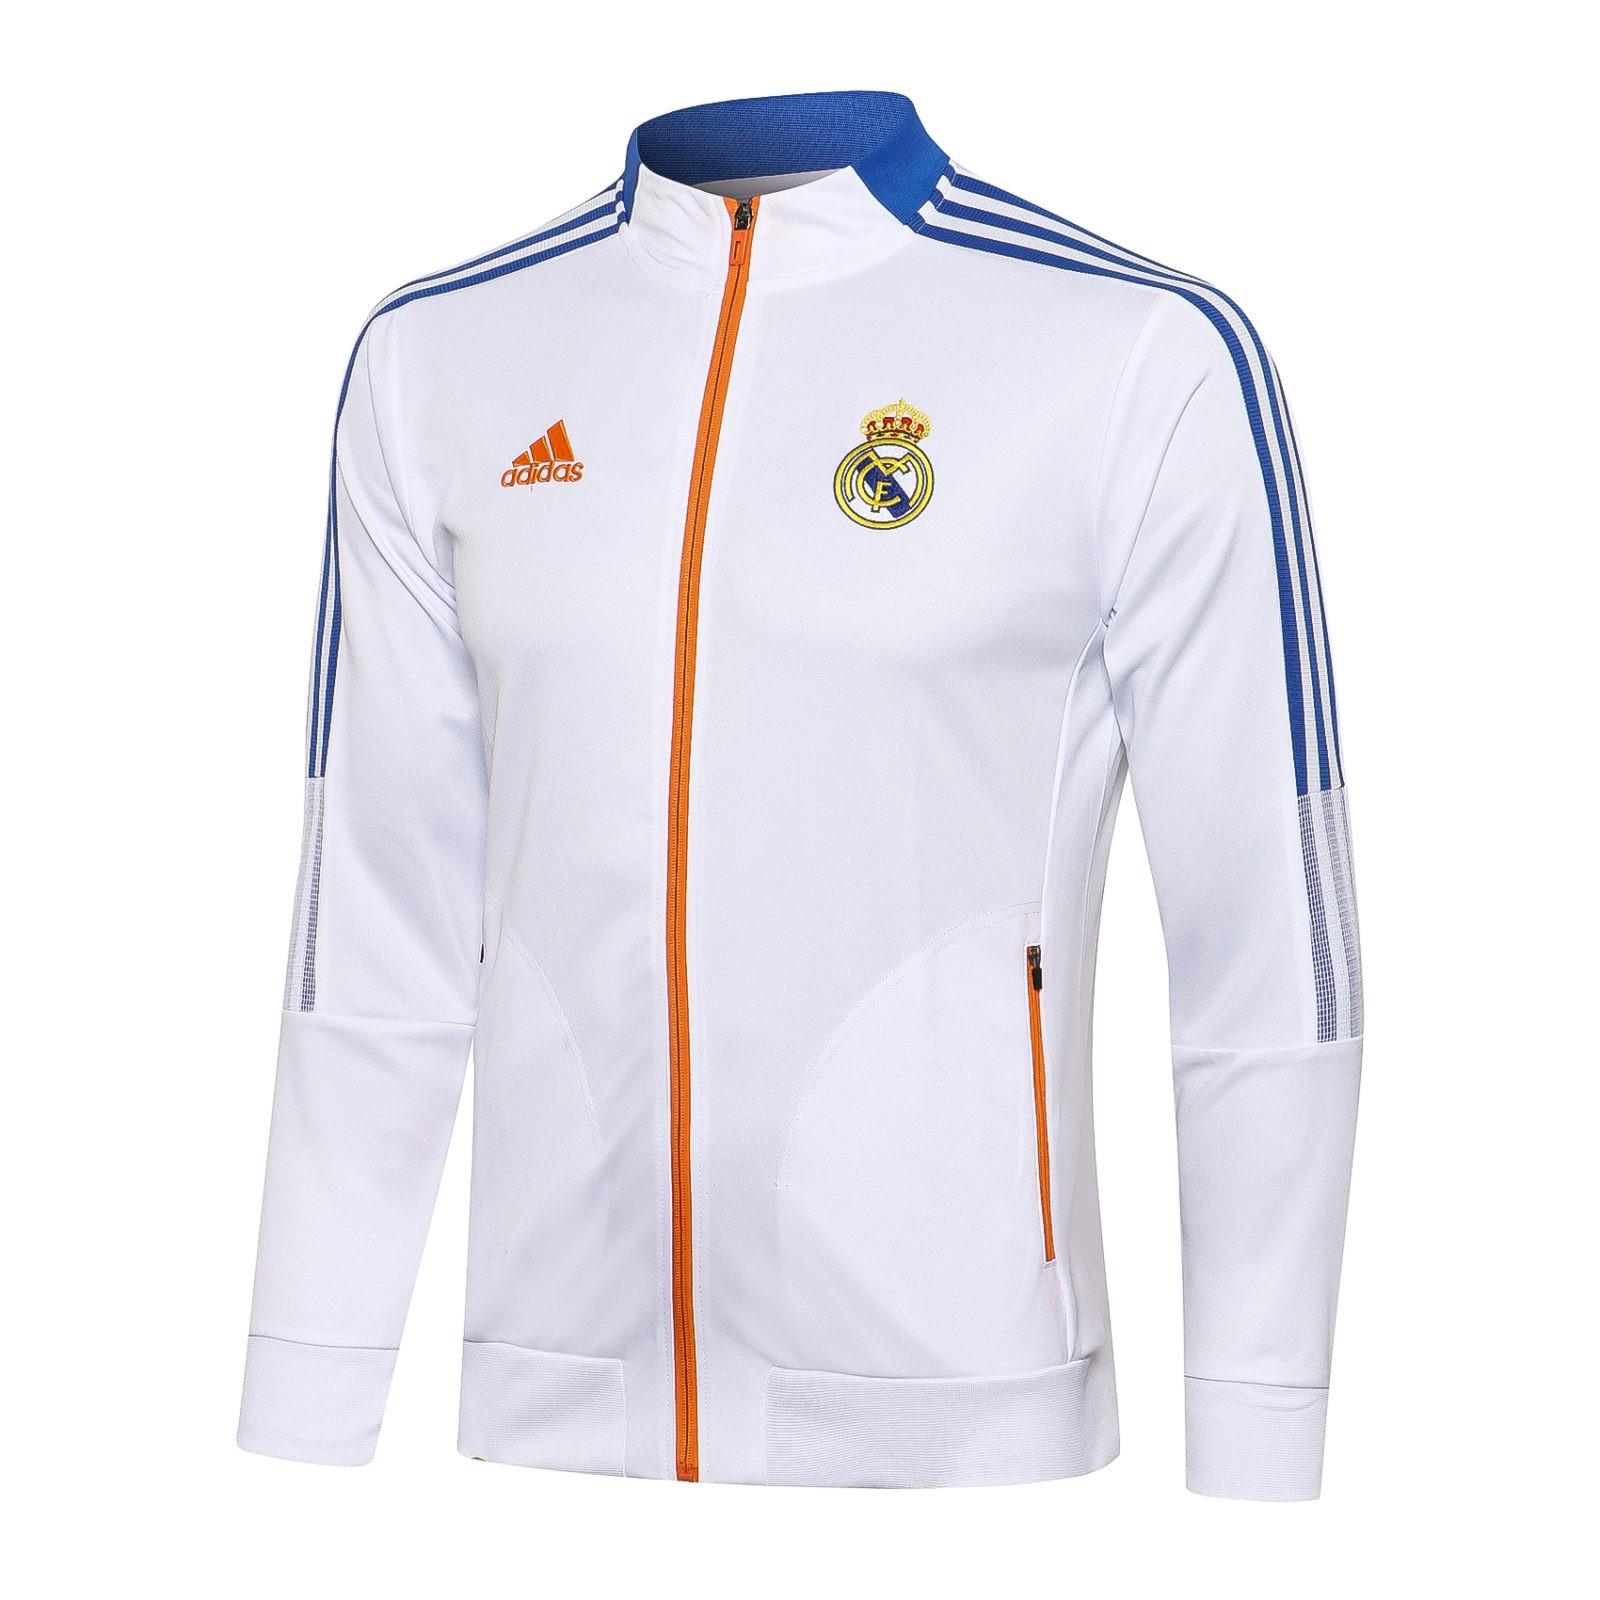 Олимпийка Реал Мадрид сезон 2021-2022 (Белая)